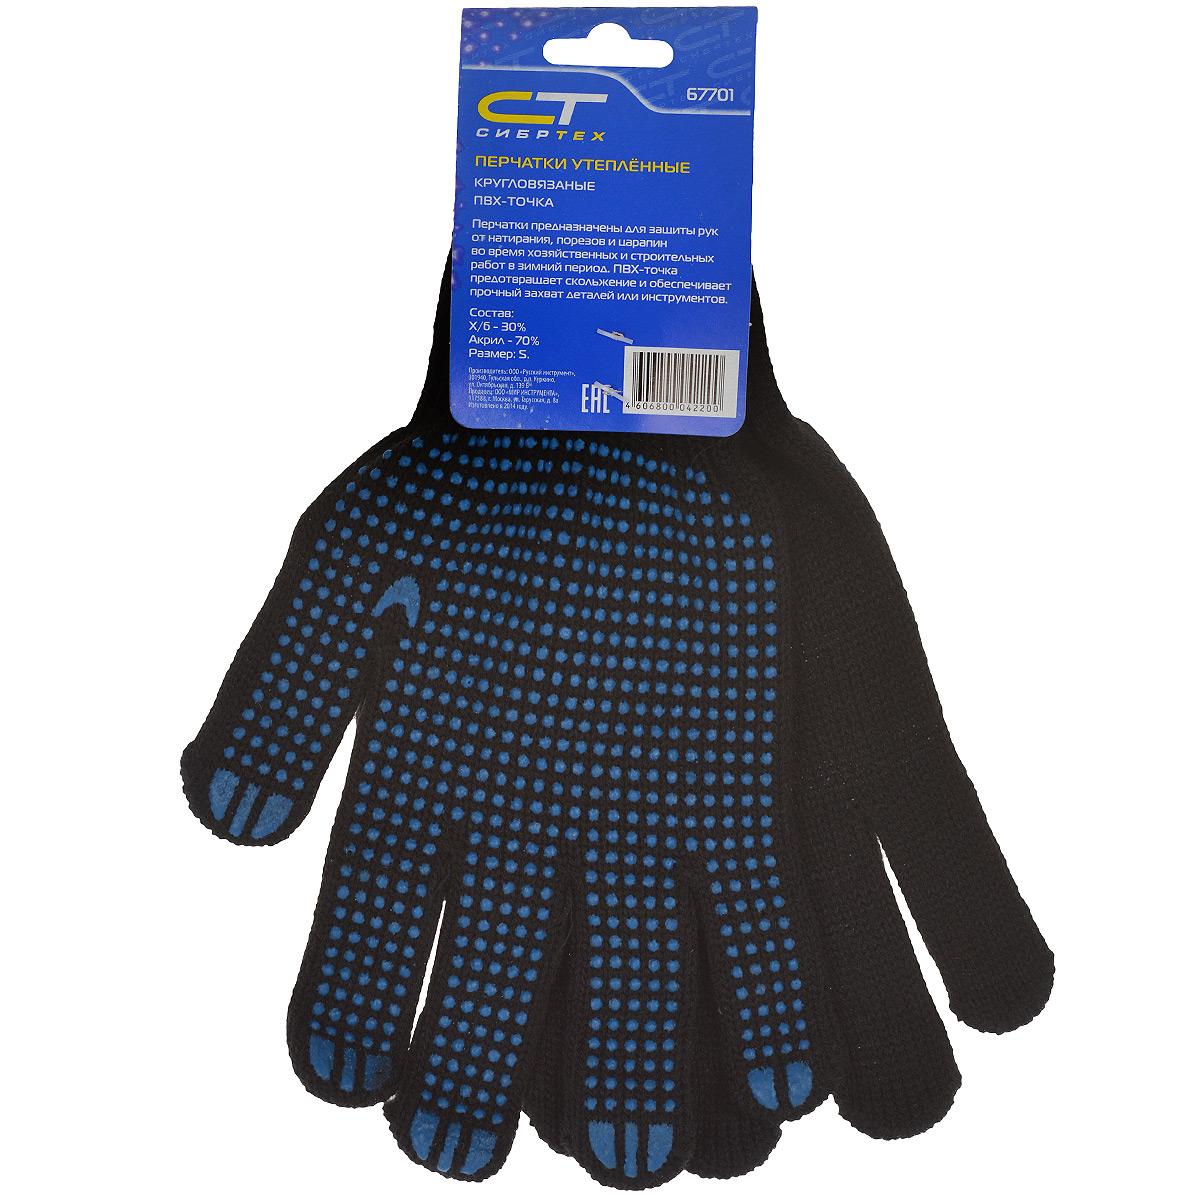 Перчатки утепленные Сибртех. Размер S